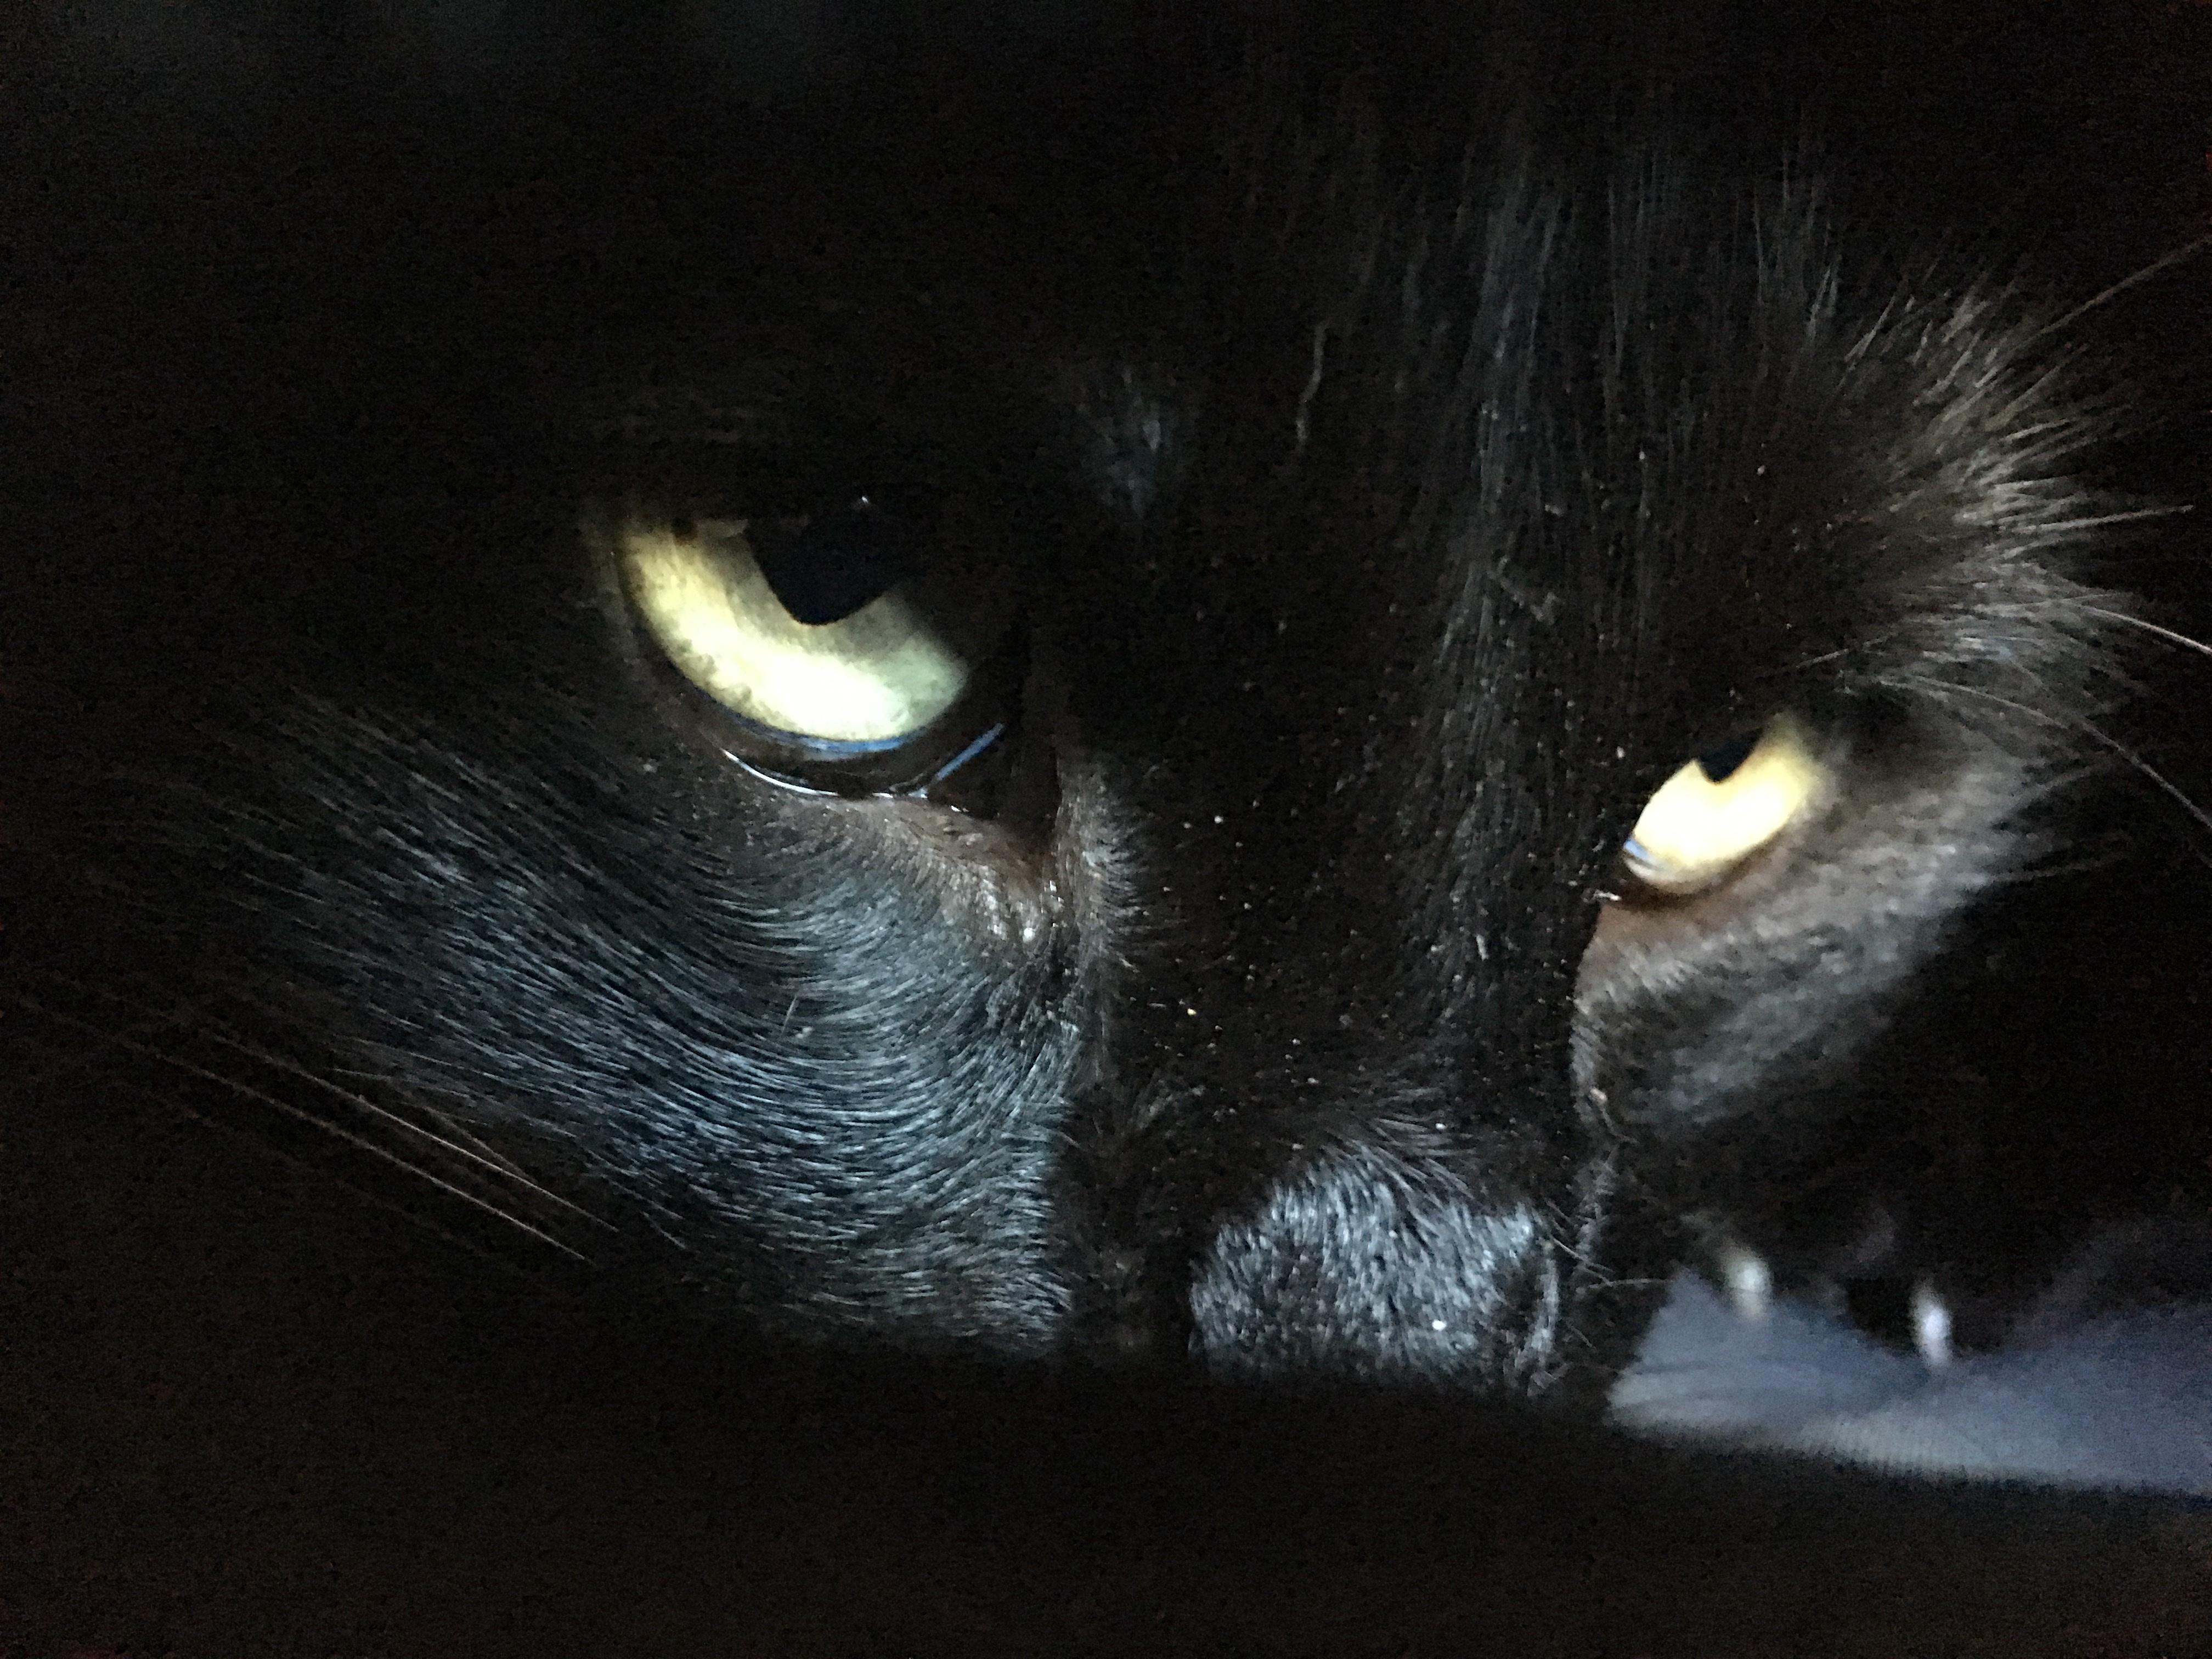 планируется картинки глаз черной кошки ожившие предметы